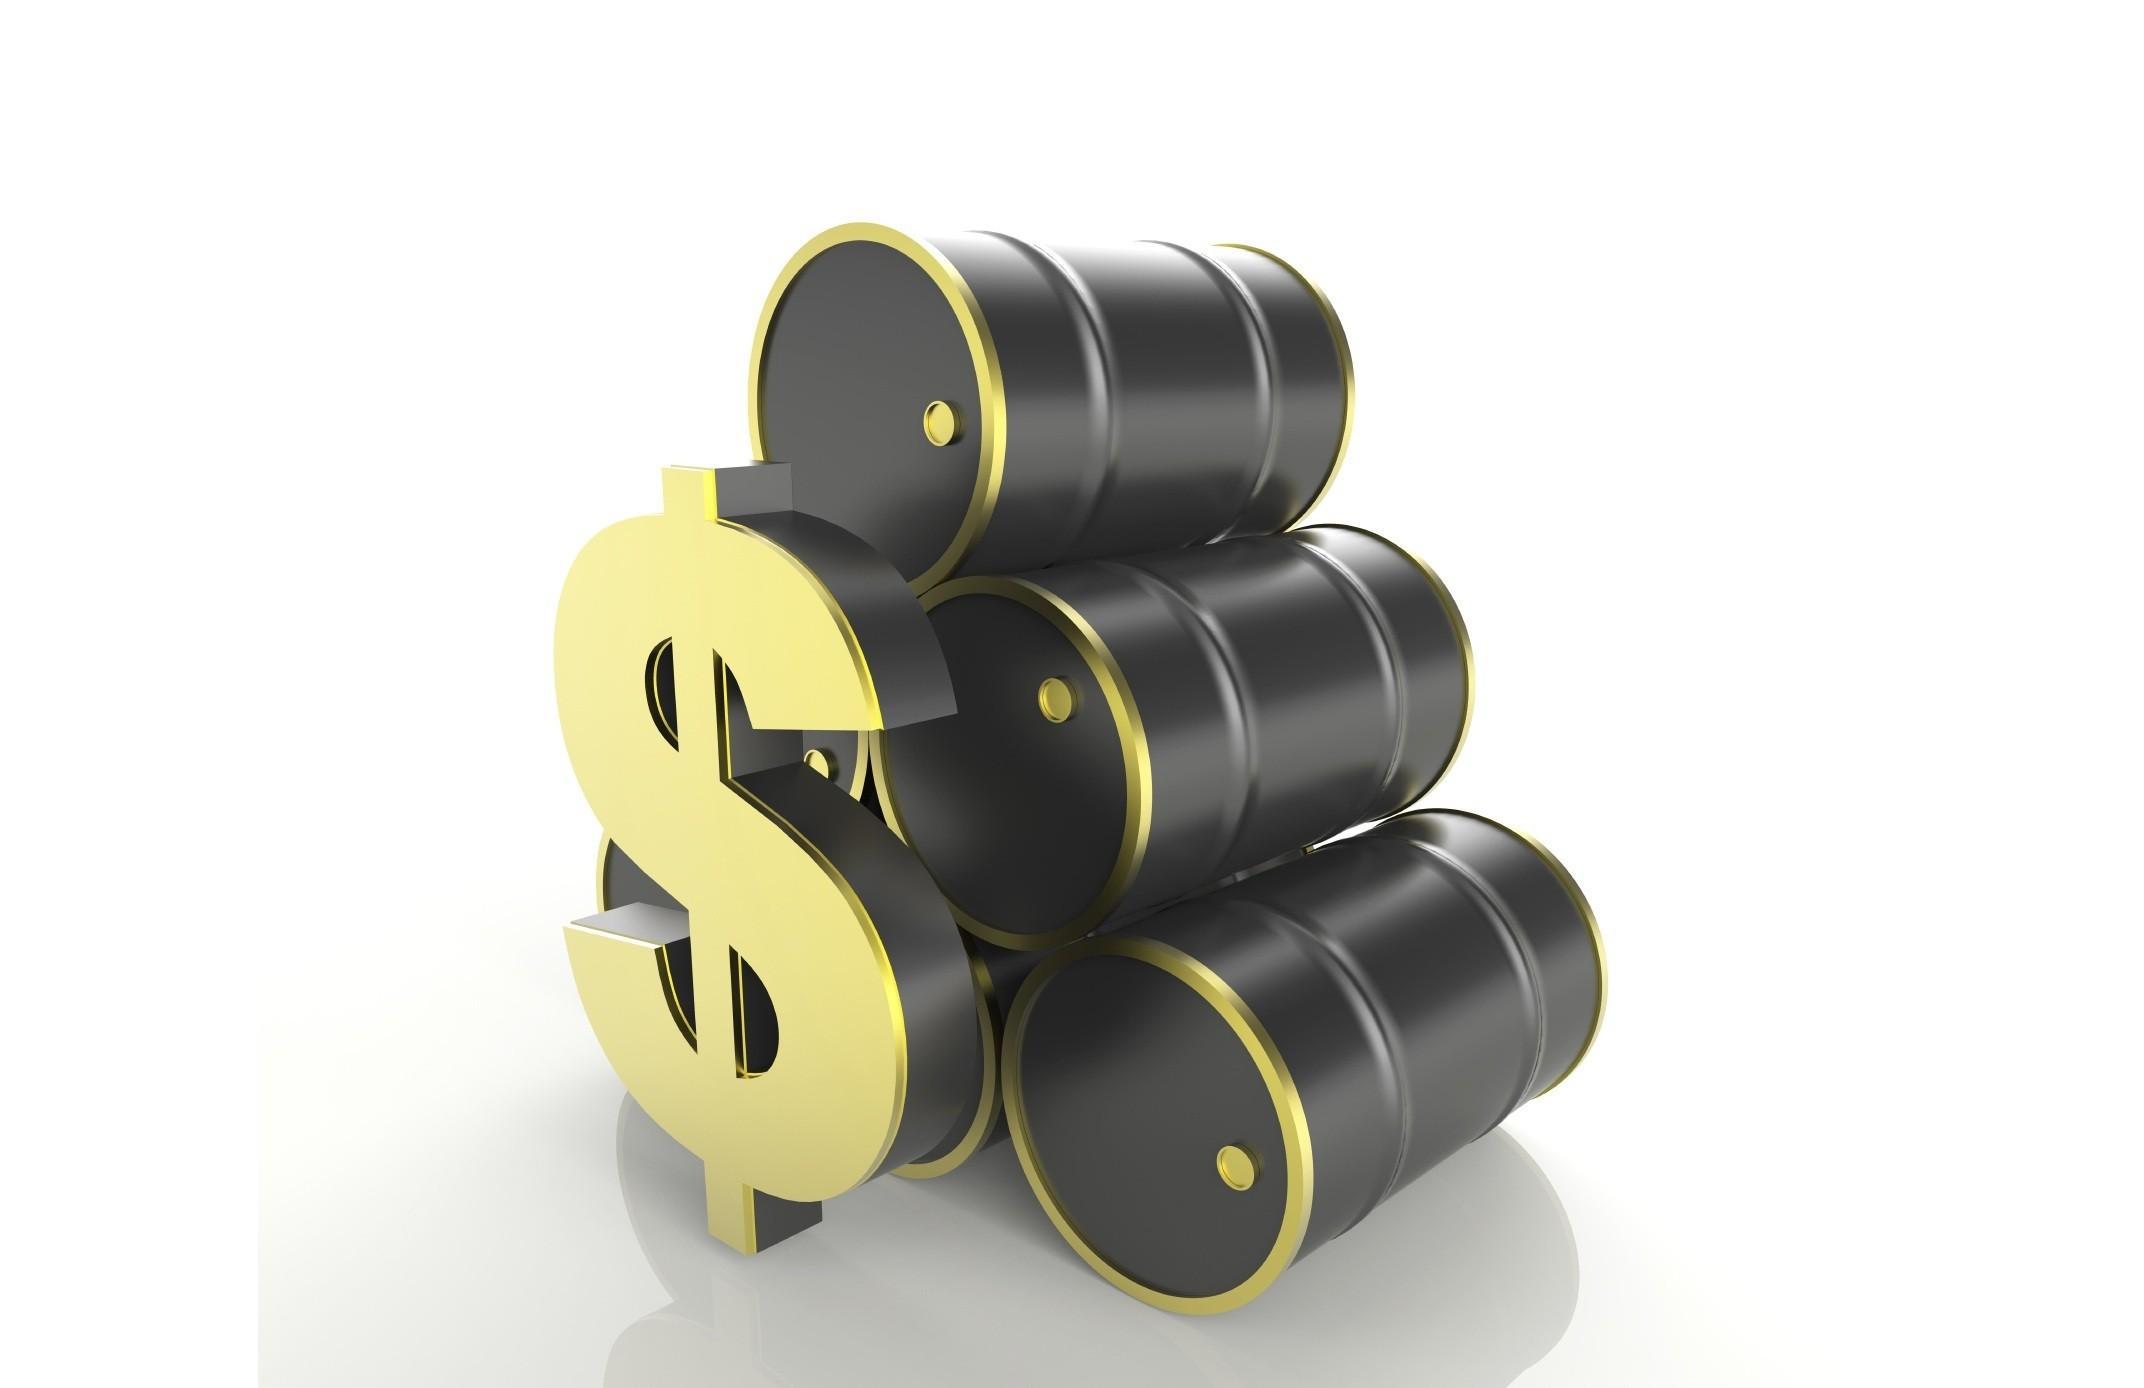 İraq ABŞ, Asiya və Avropa üçün neftin qiymətini qaldırdı